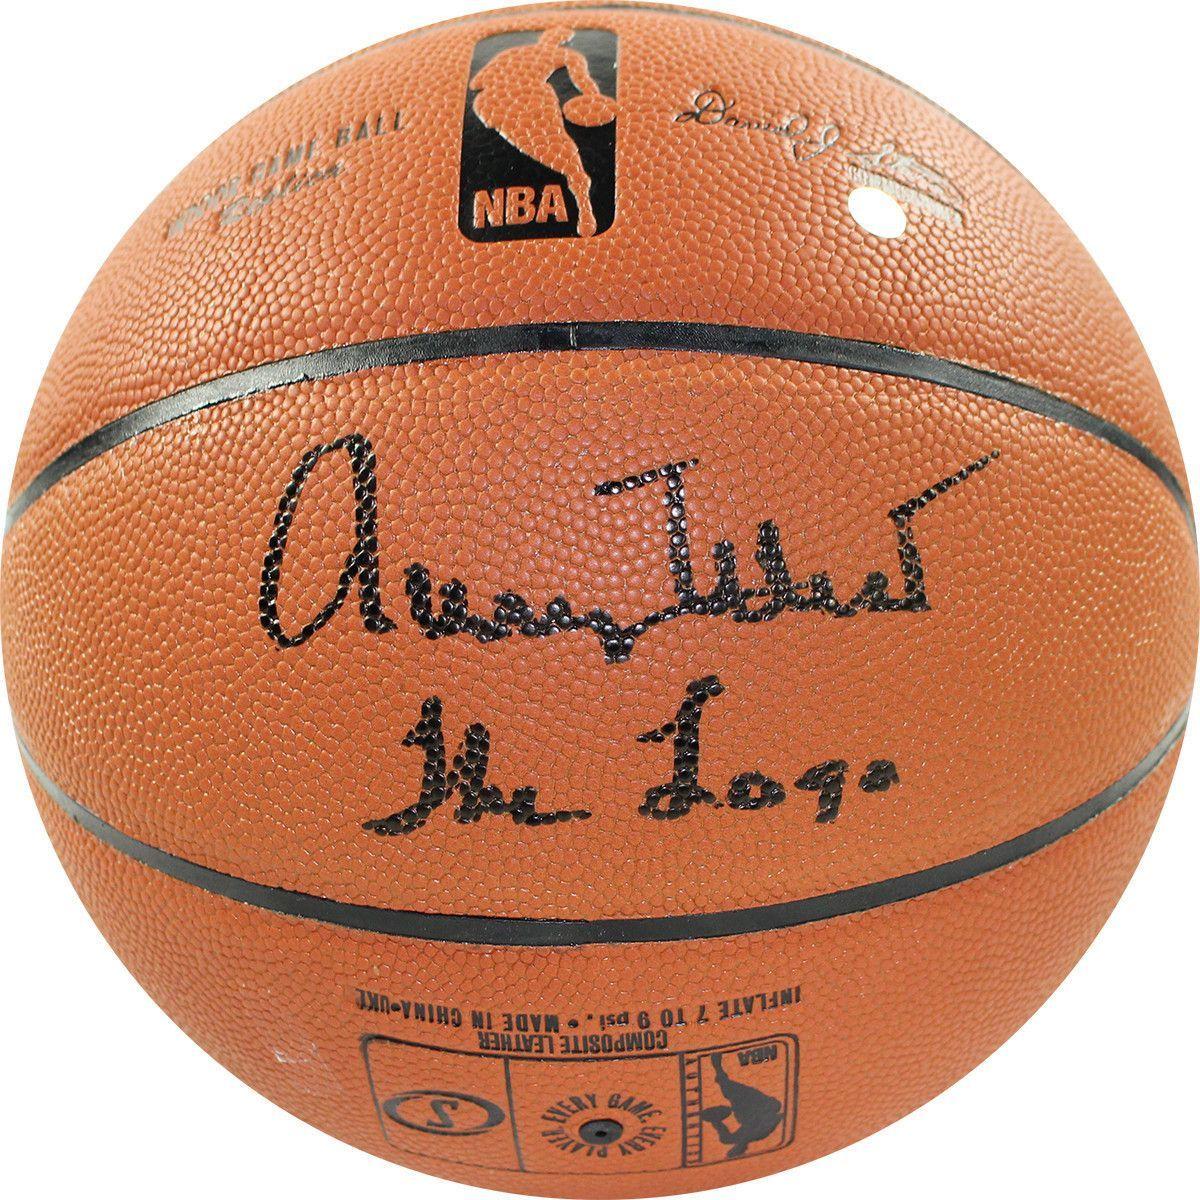 Jerry West Signed NBA I/O Basketball w/ 'The Logo' Insc